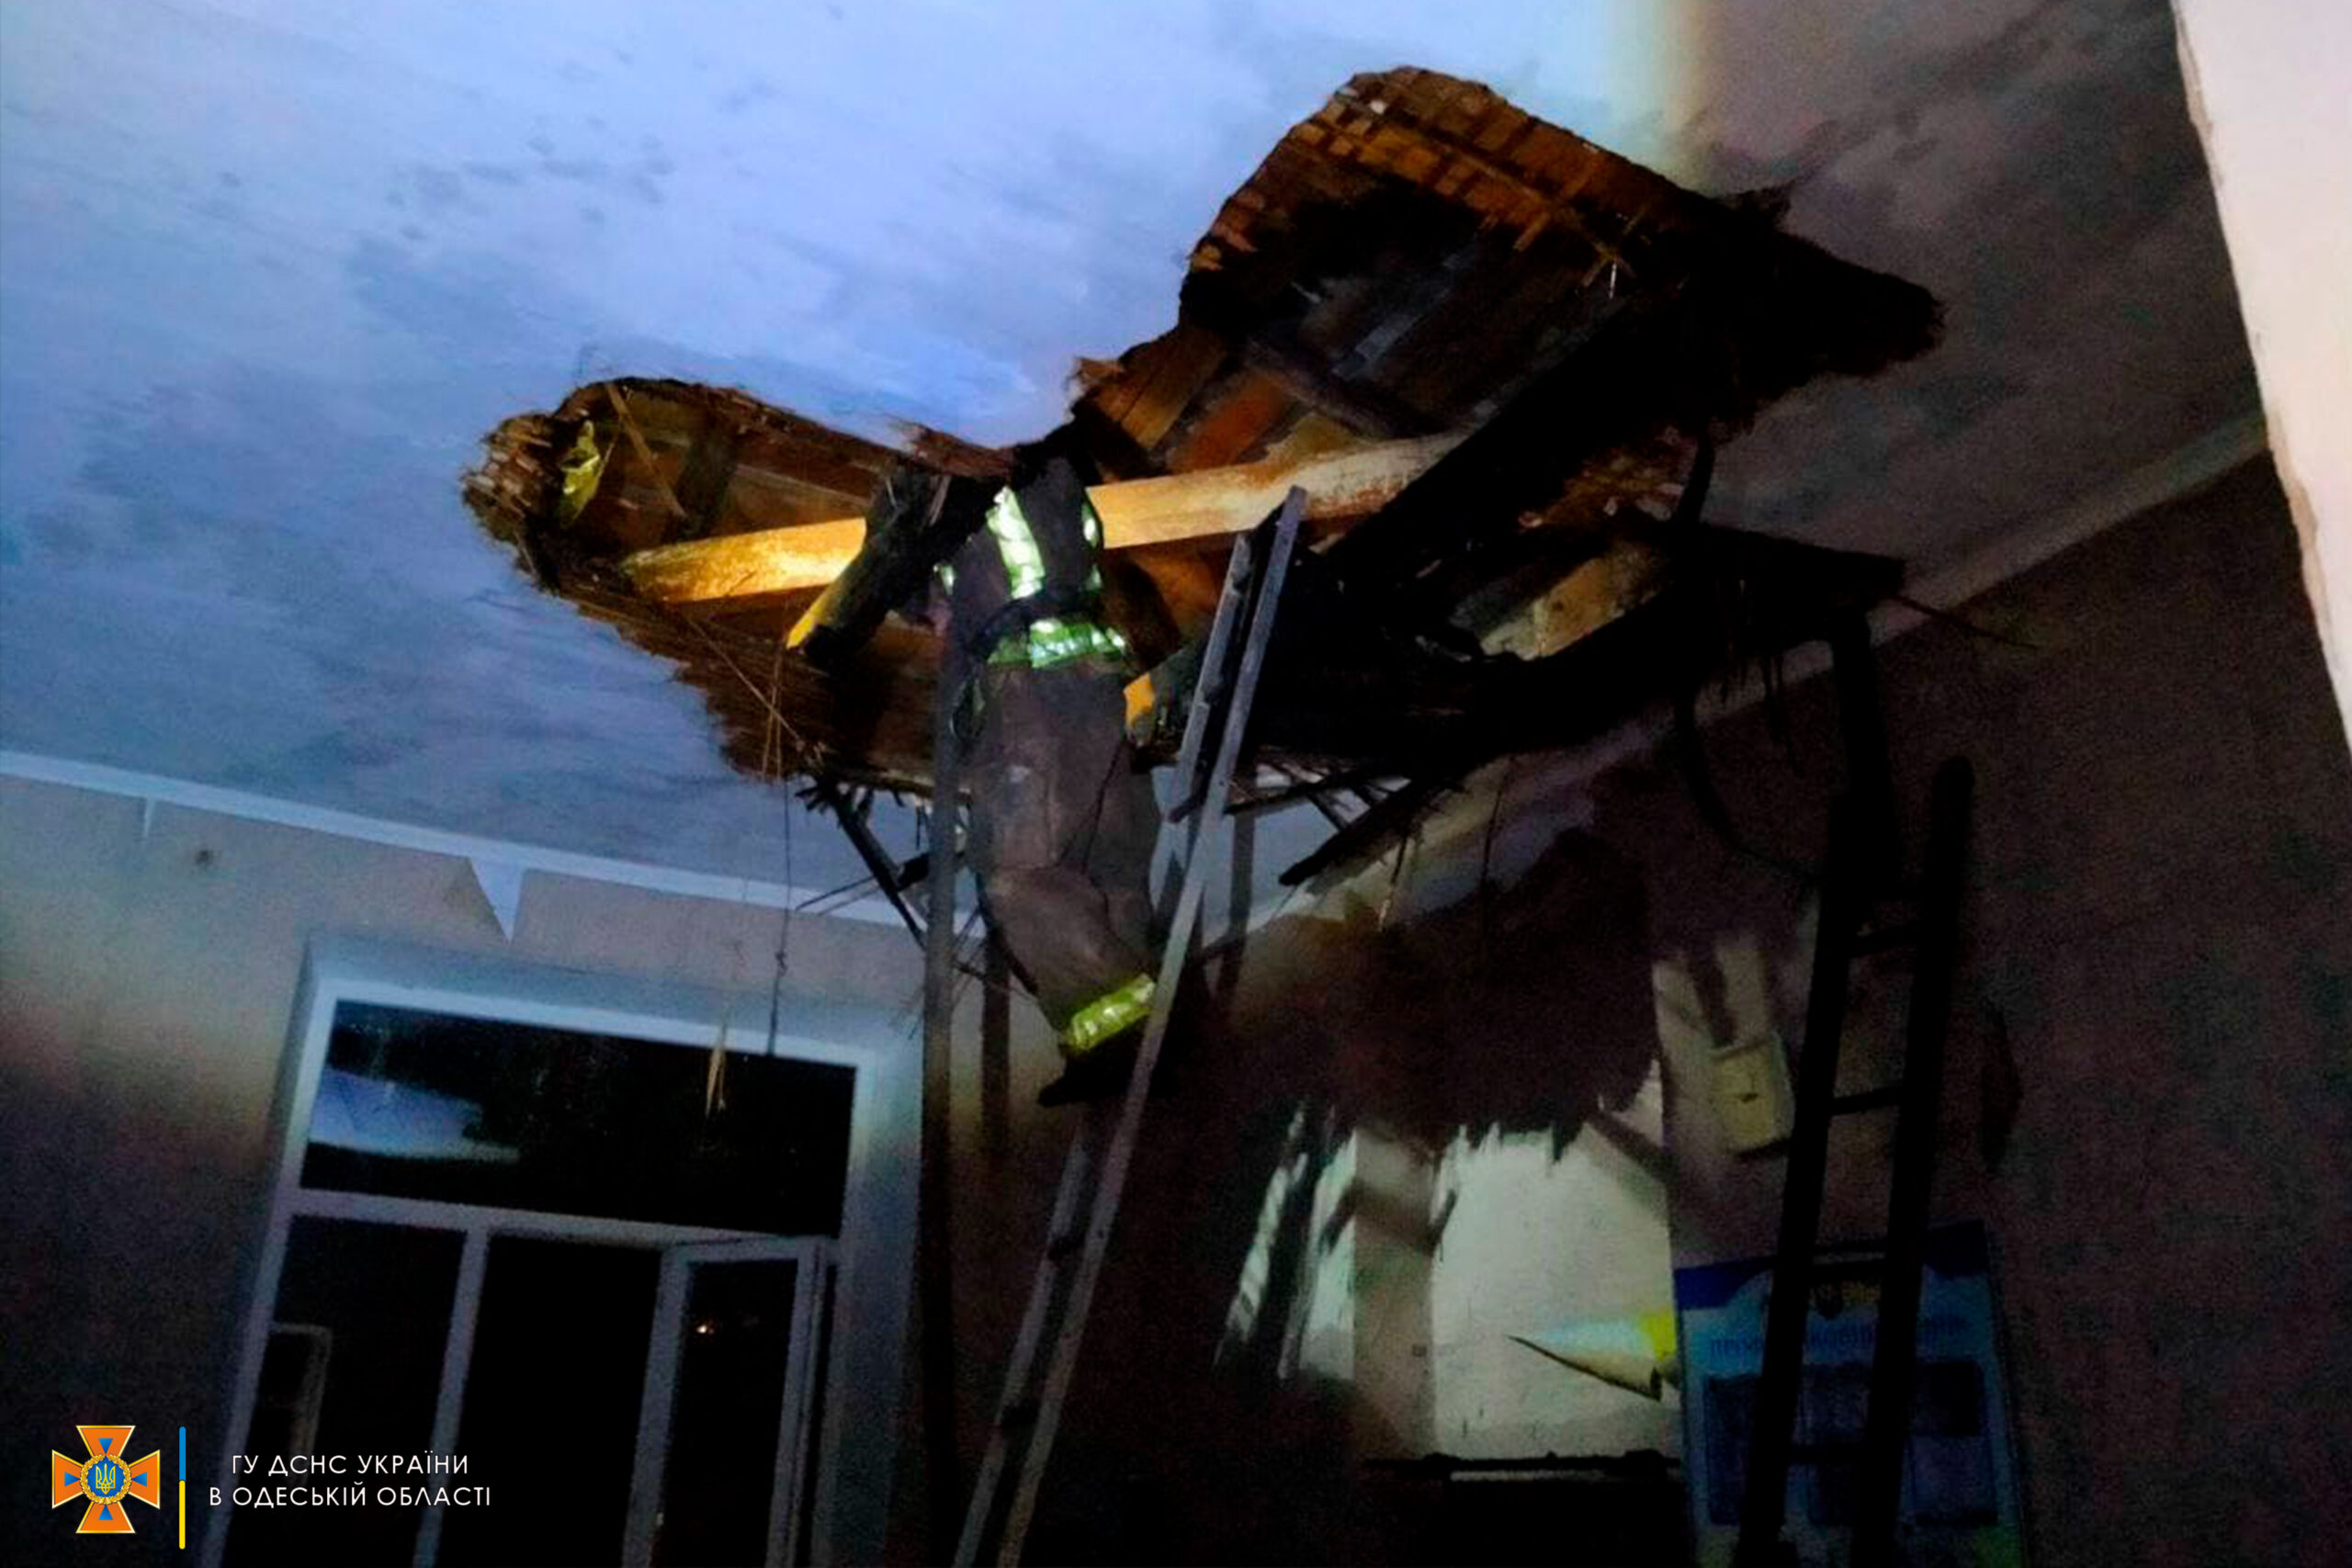 В Одесской области горела общеобразовательная школа